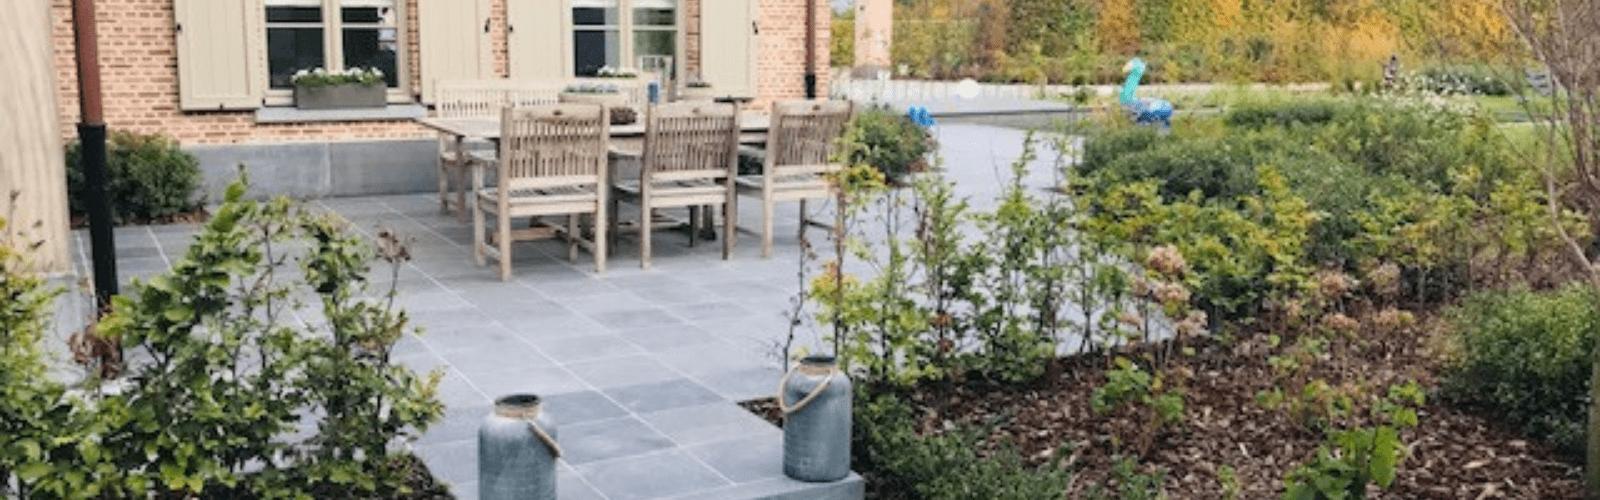 natuursteen tegels voor terrassen en opritten